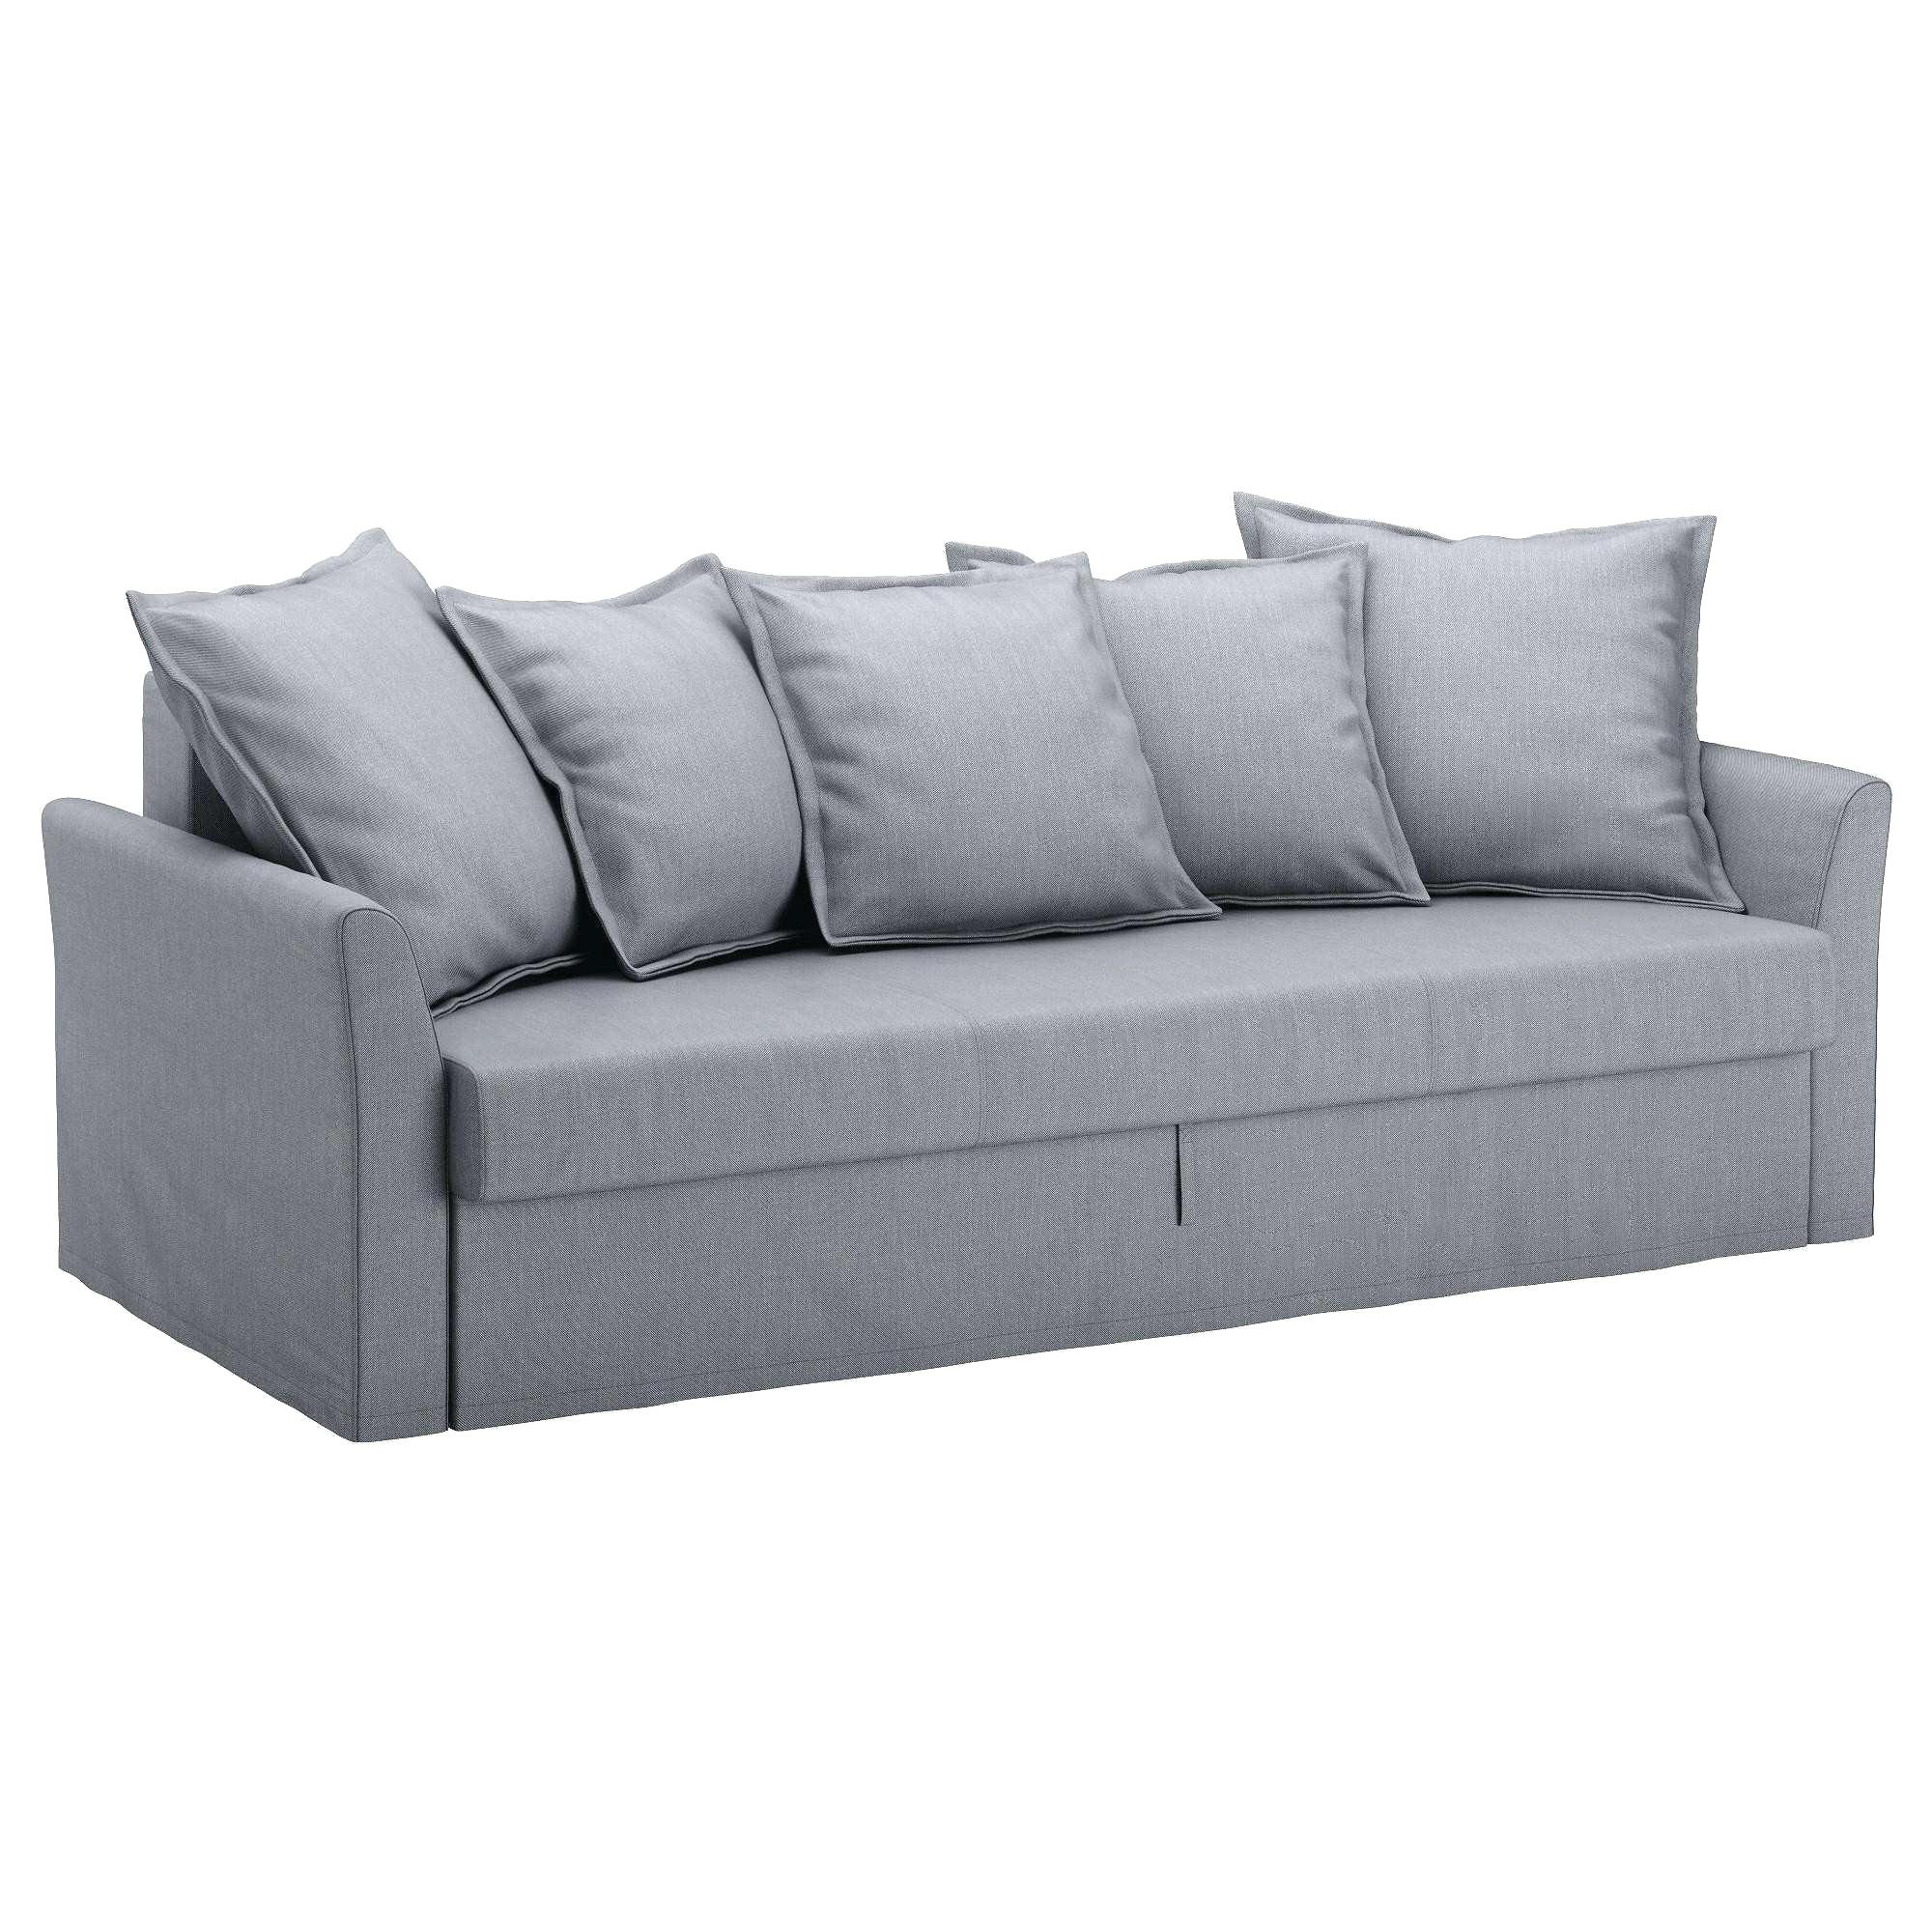 canape cuir ikea cheap image de canap en u cuir custom. Black Bedroom Furniture Sets. Home Design Ideas